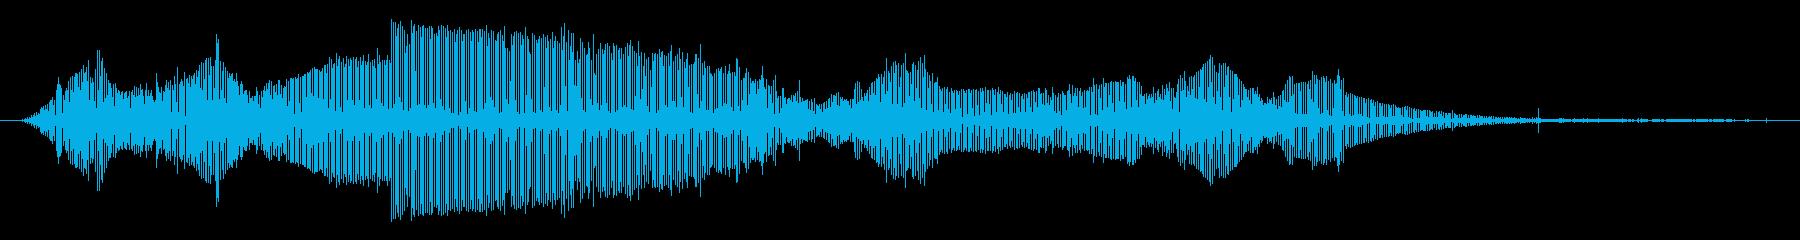 機械 不安定なムービングベースロング02の再生済みの波形